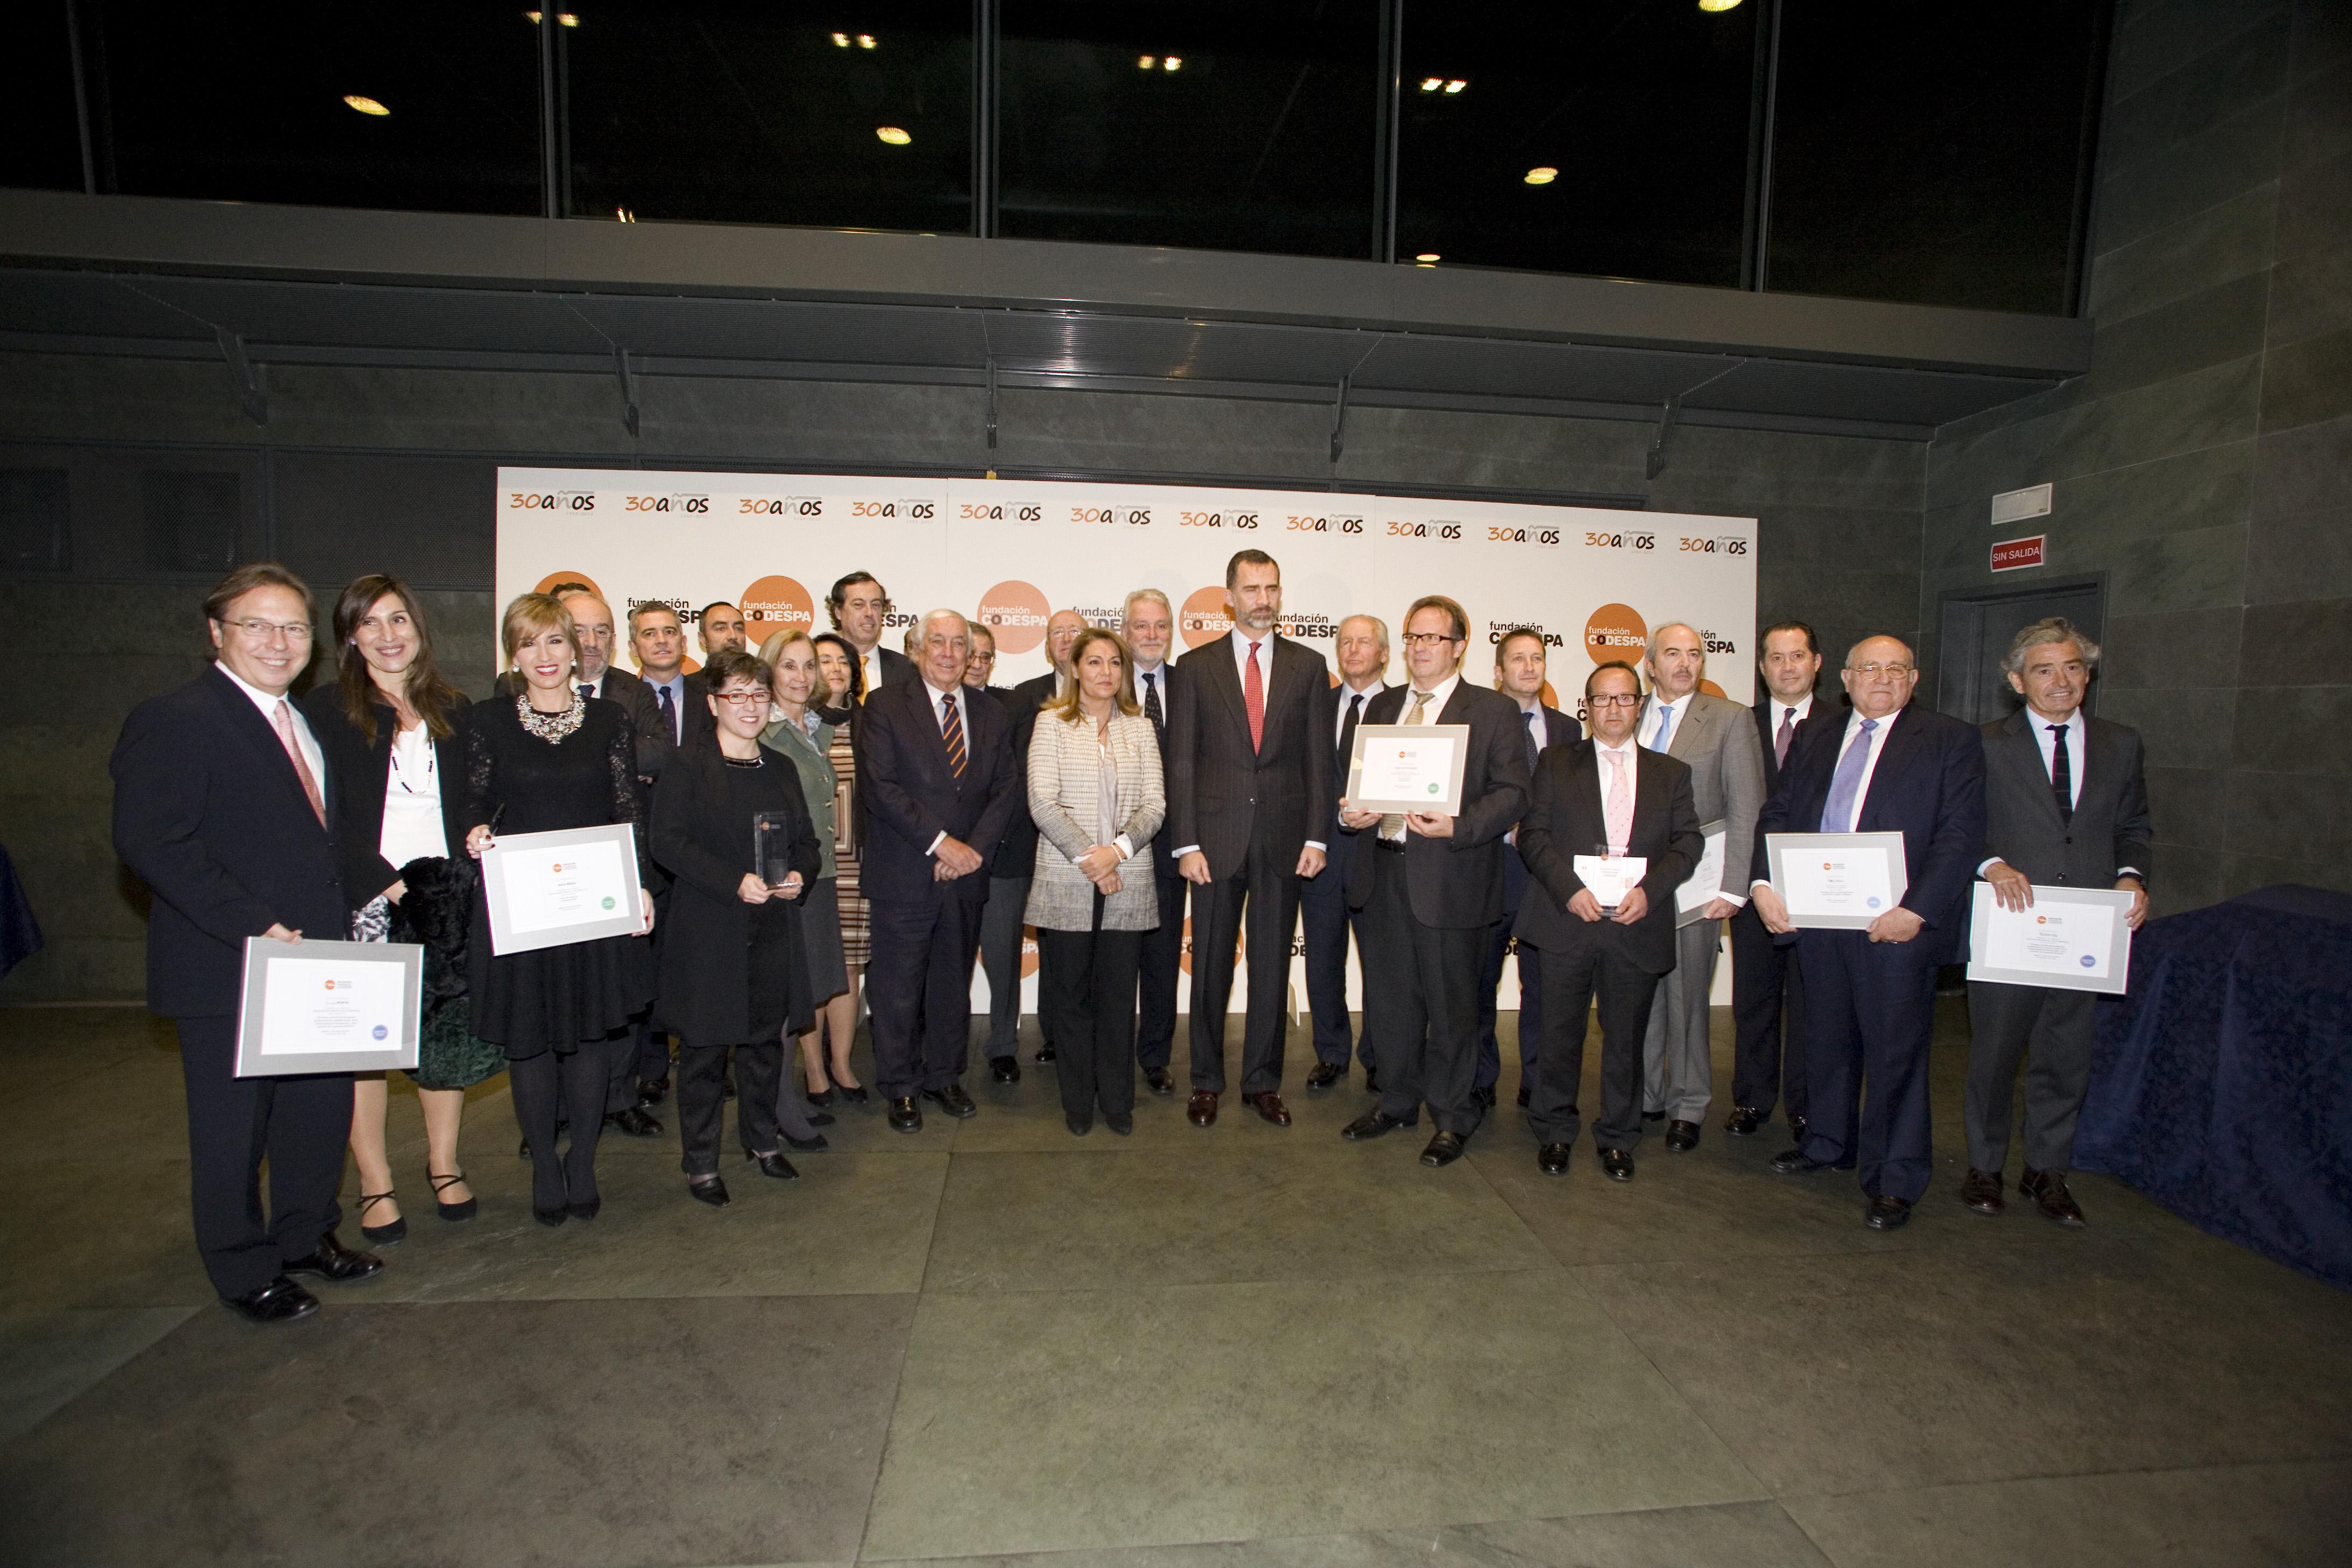 Núria Vilanova en la entrega de la XVIII edición de los premios CODESPA junto S.M. el Rey Felipe VI, componentes del jurado y premiados